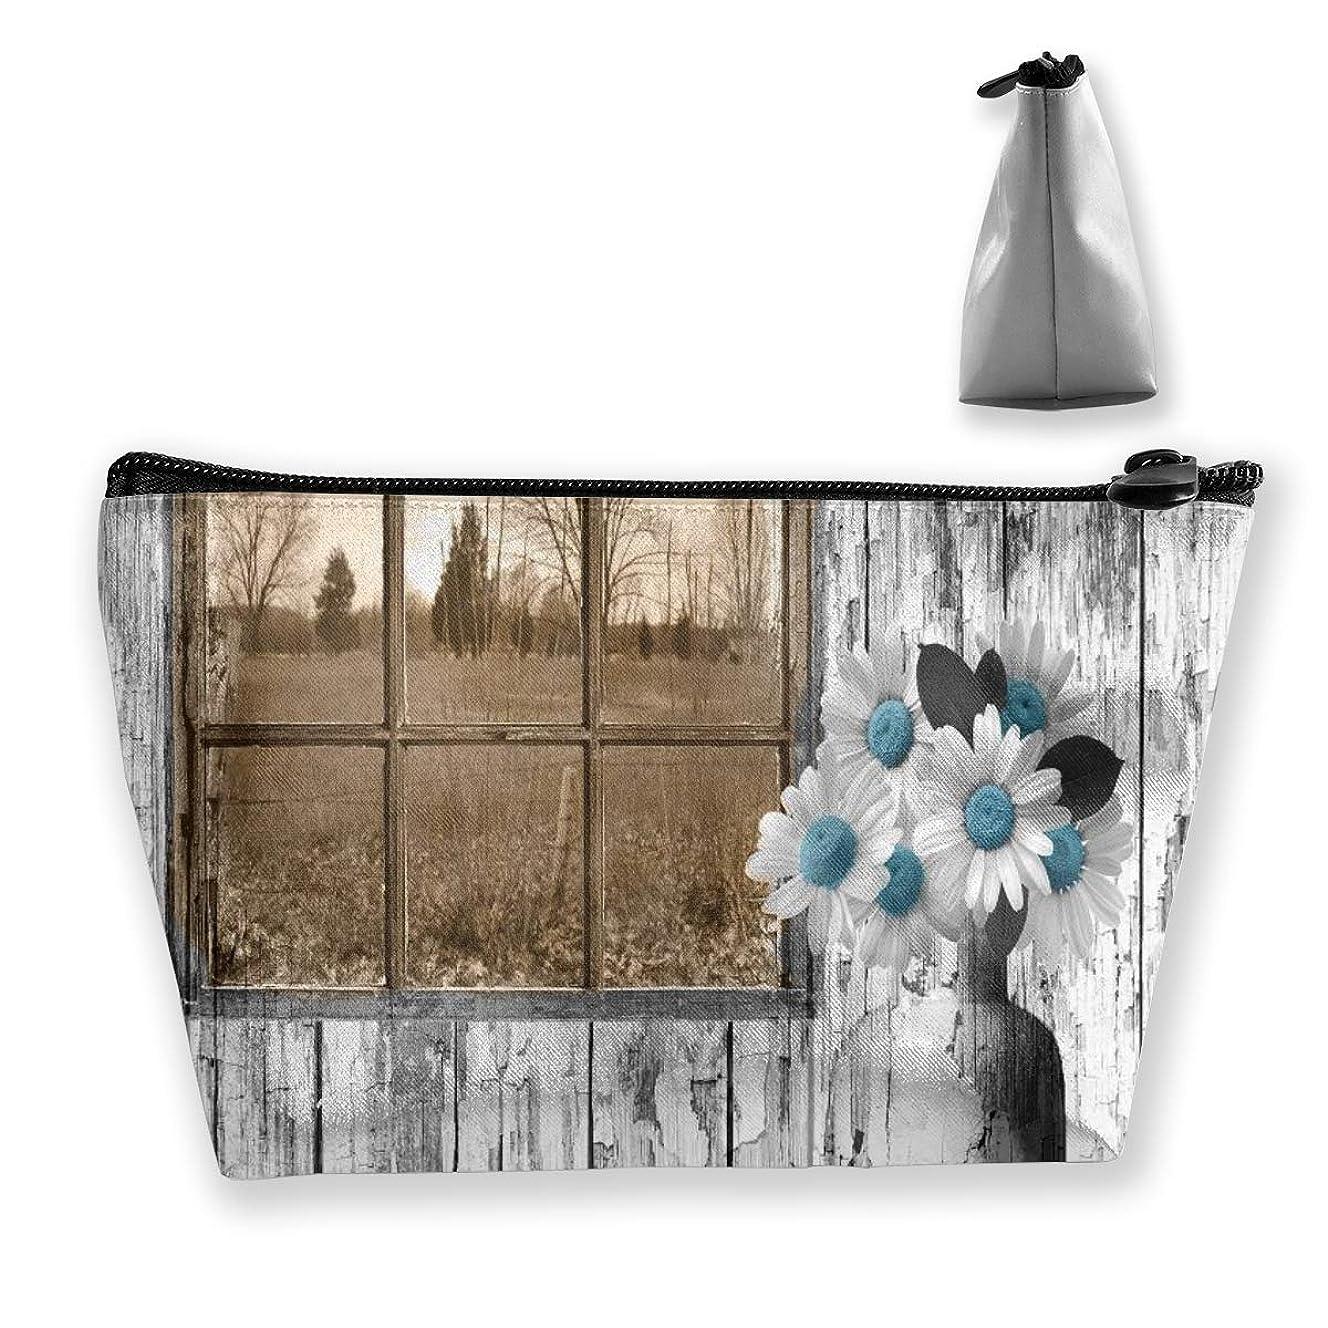 デイジーの花 ペンケース文房具バッグ大容量ペンケース化粧品袋収納袋男の子と女の子多機能浴室シャワーバッグ旅行ポータブルストレージバッグ